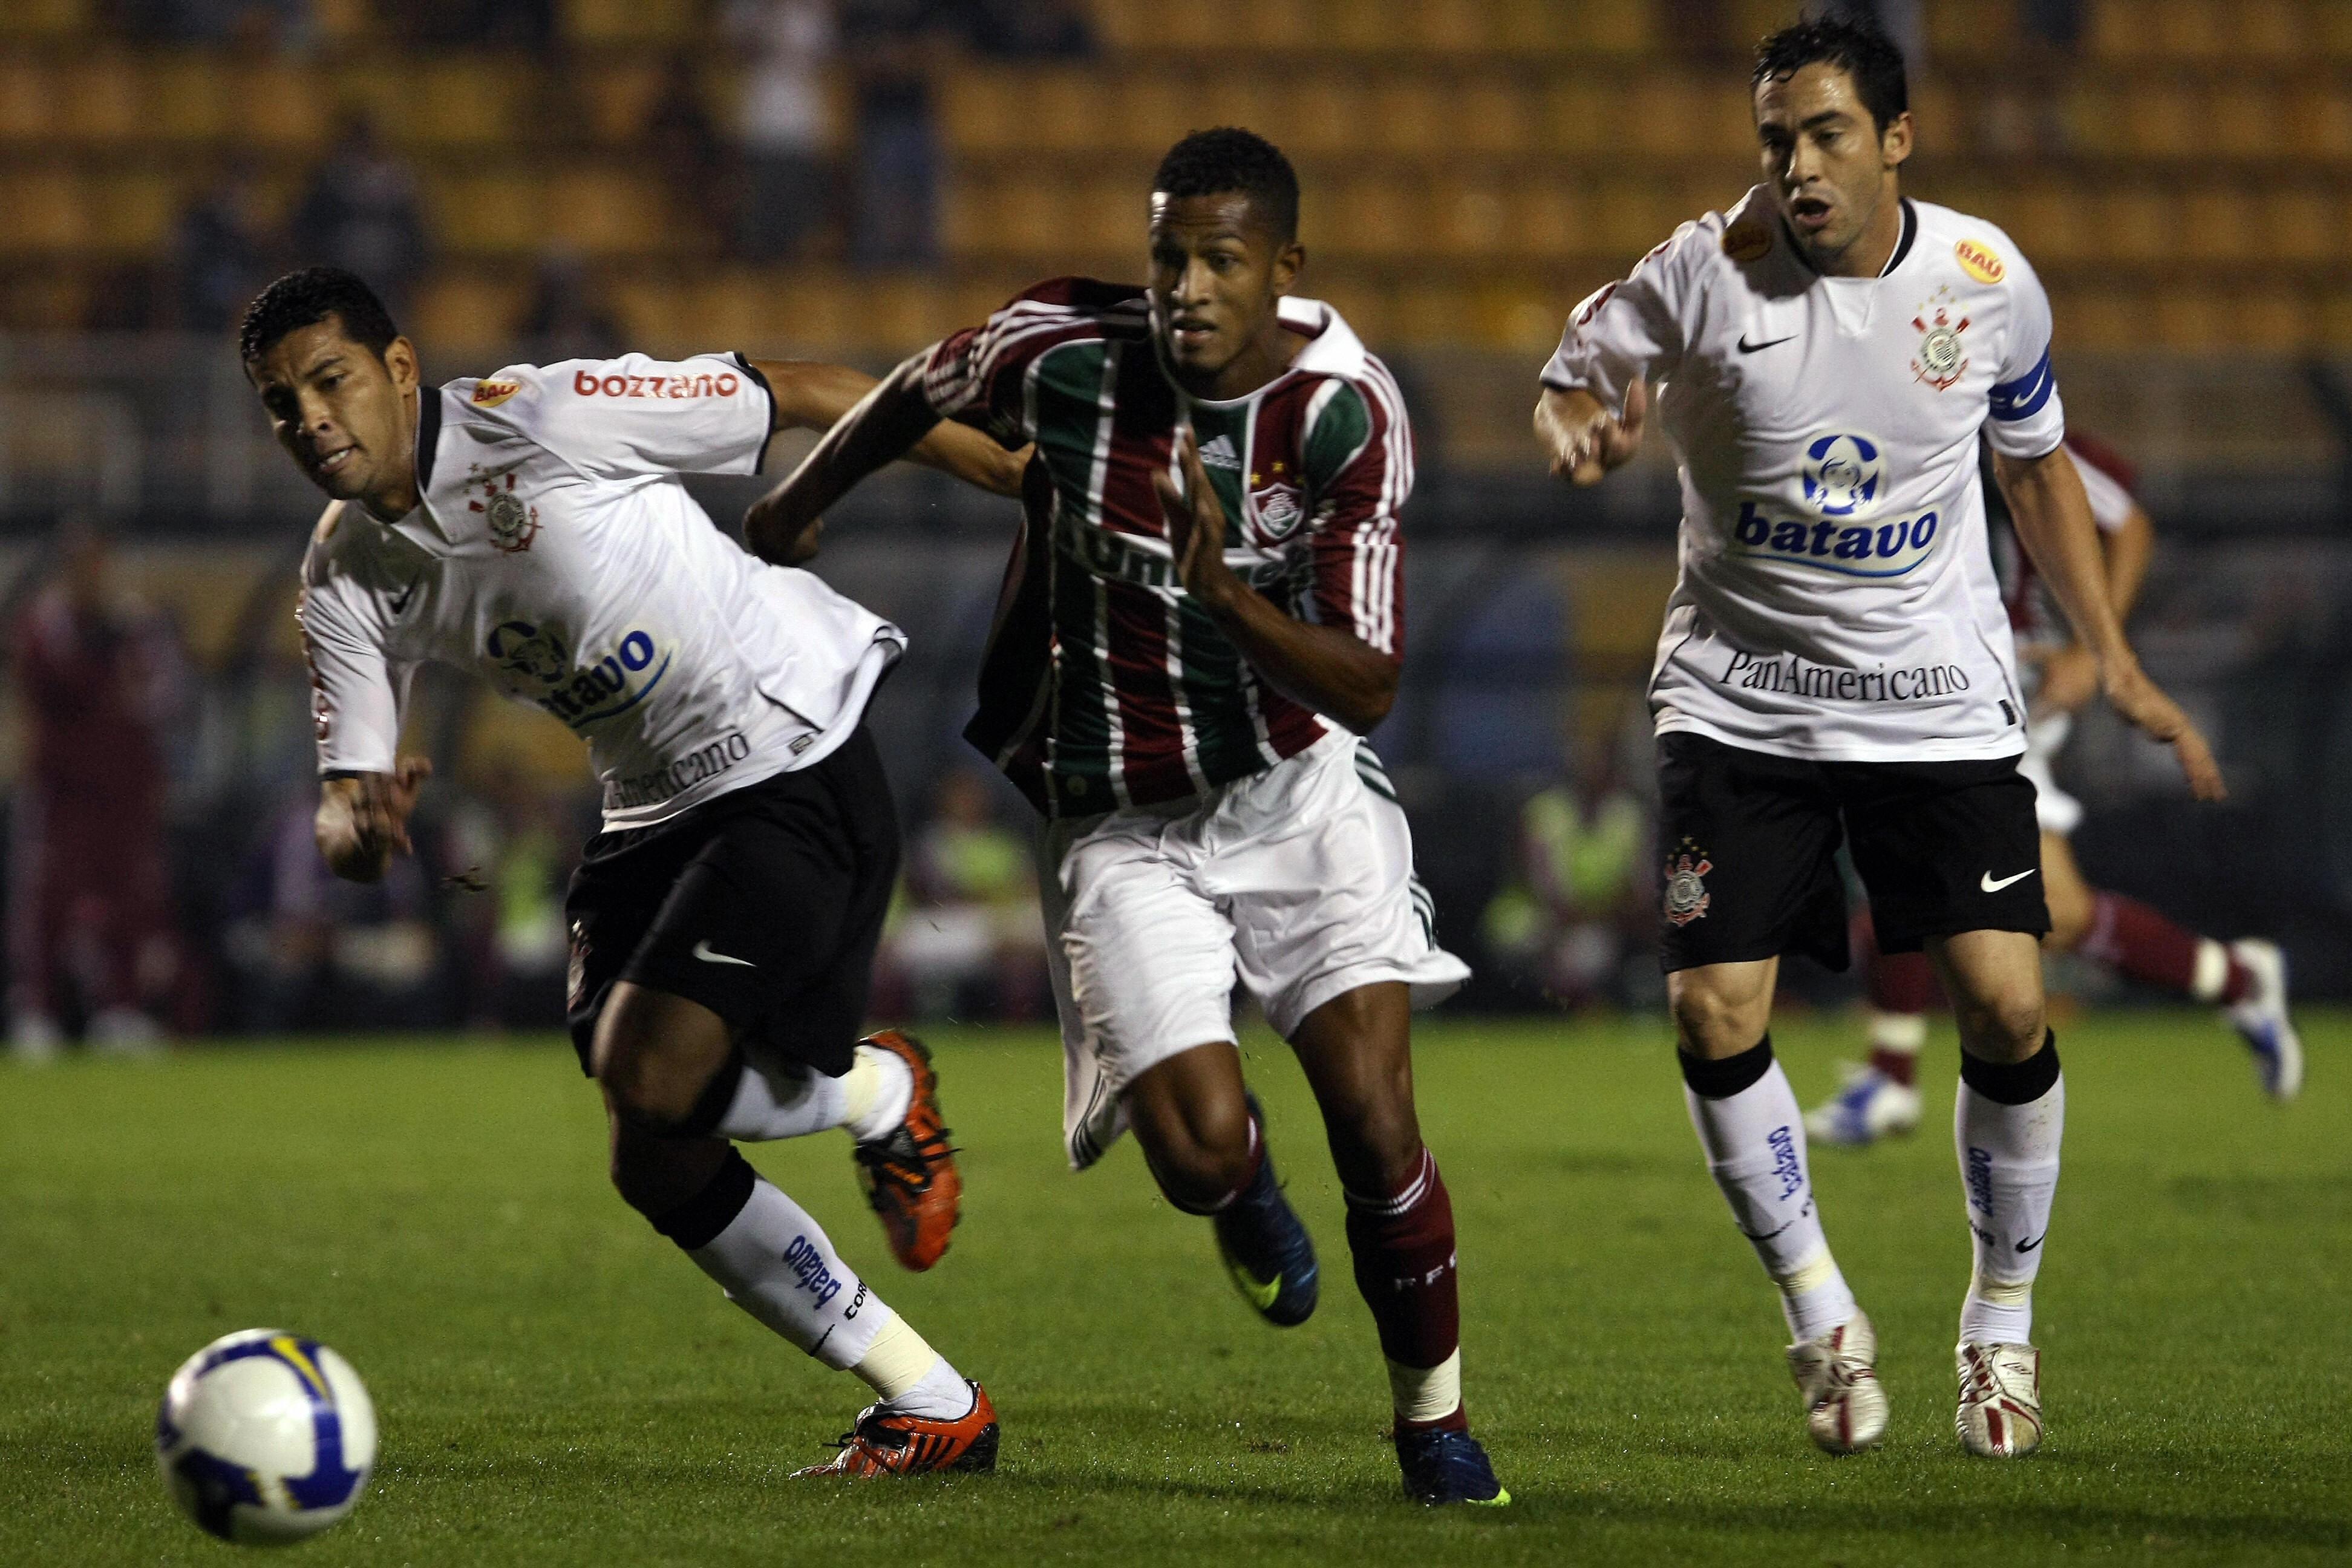 Maicon-C-of-Fluminense-dribbles-past-1547247977.jpg